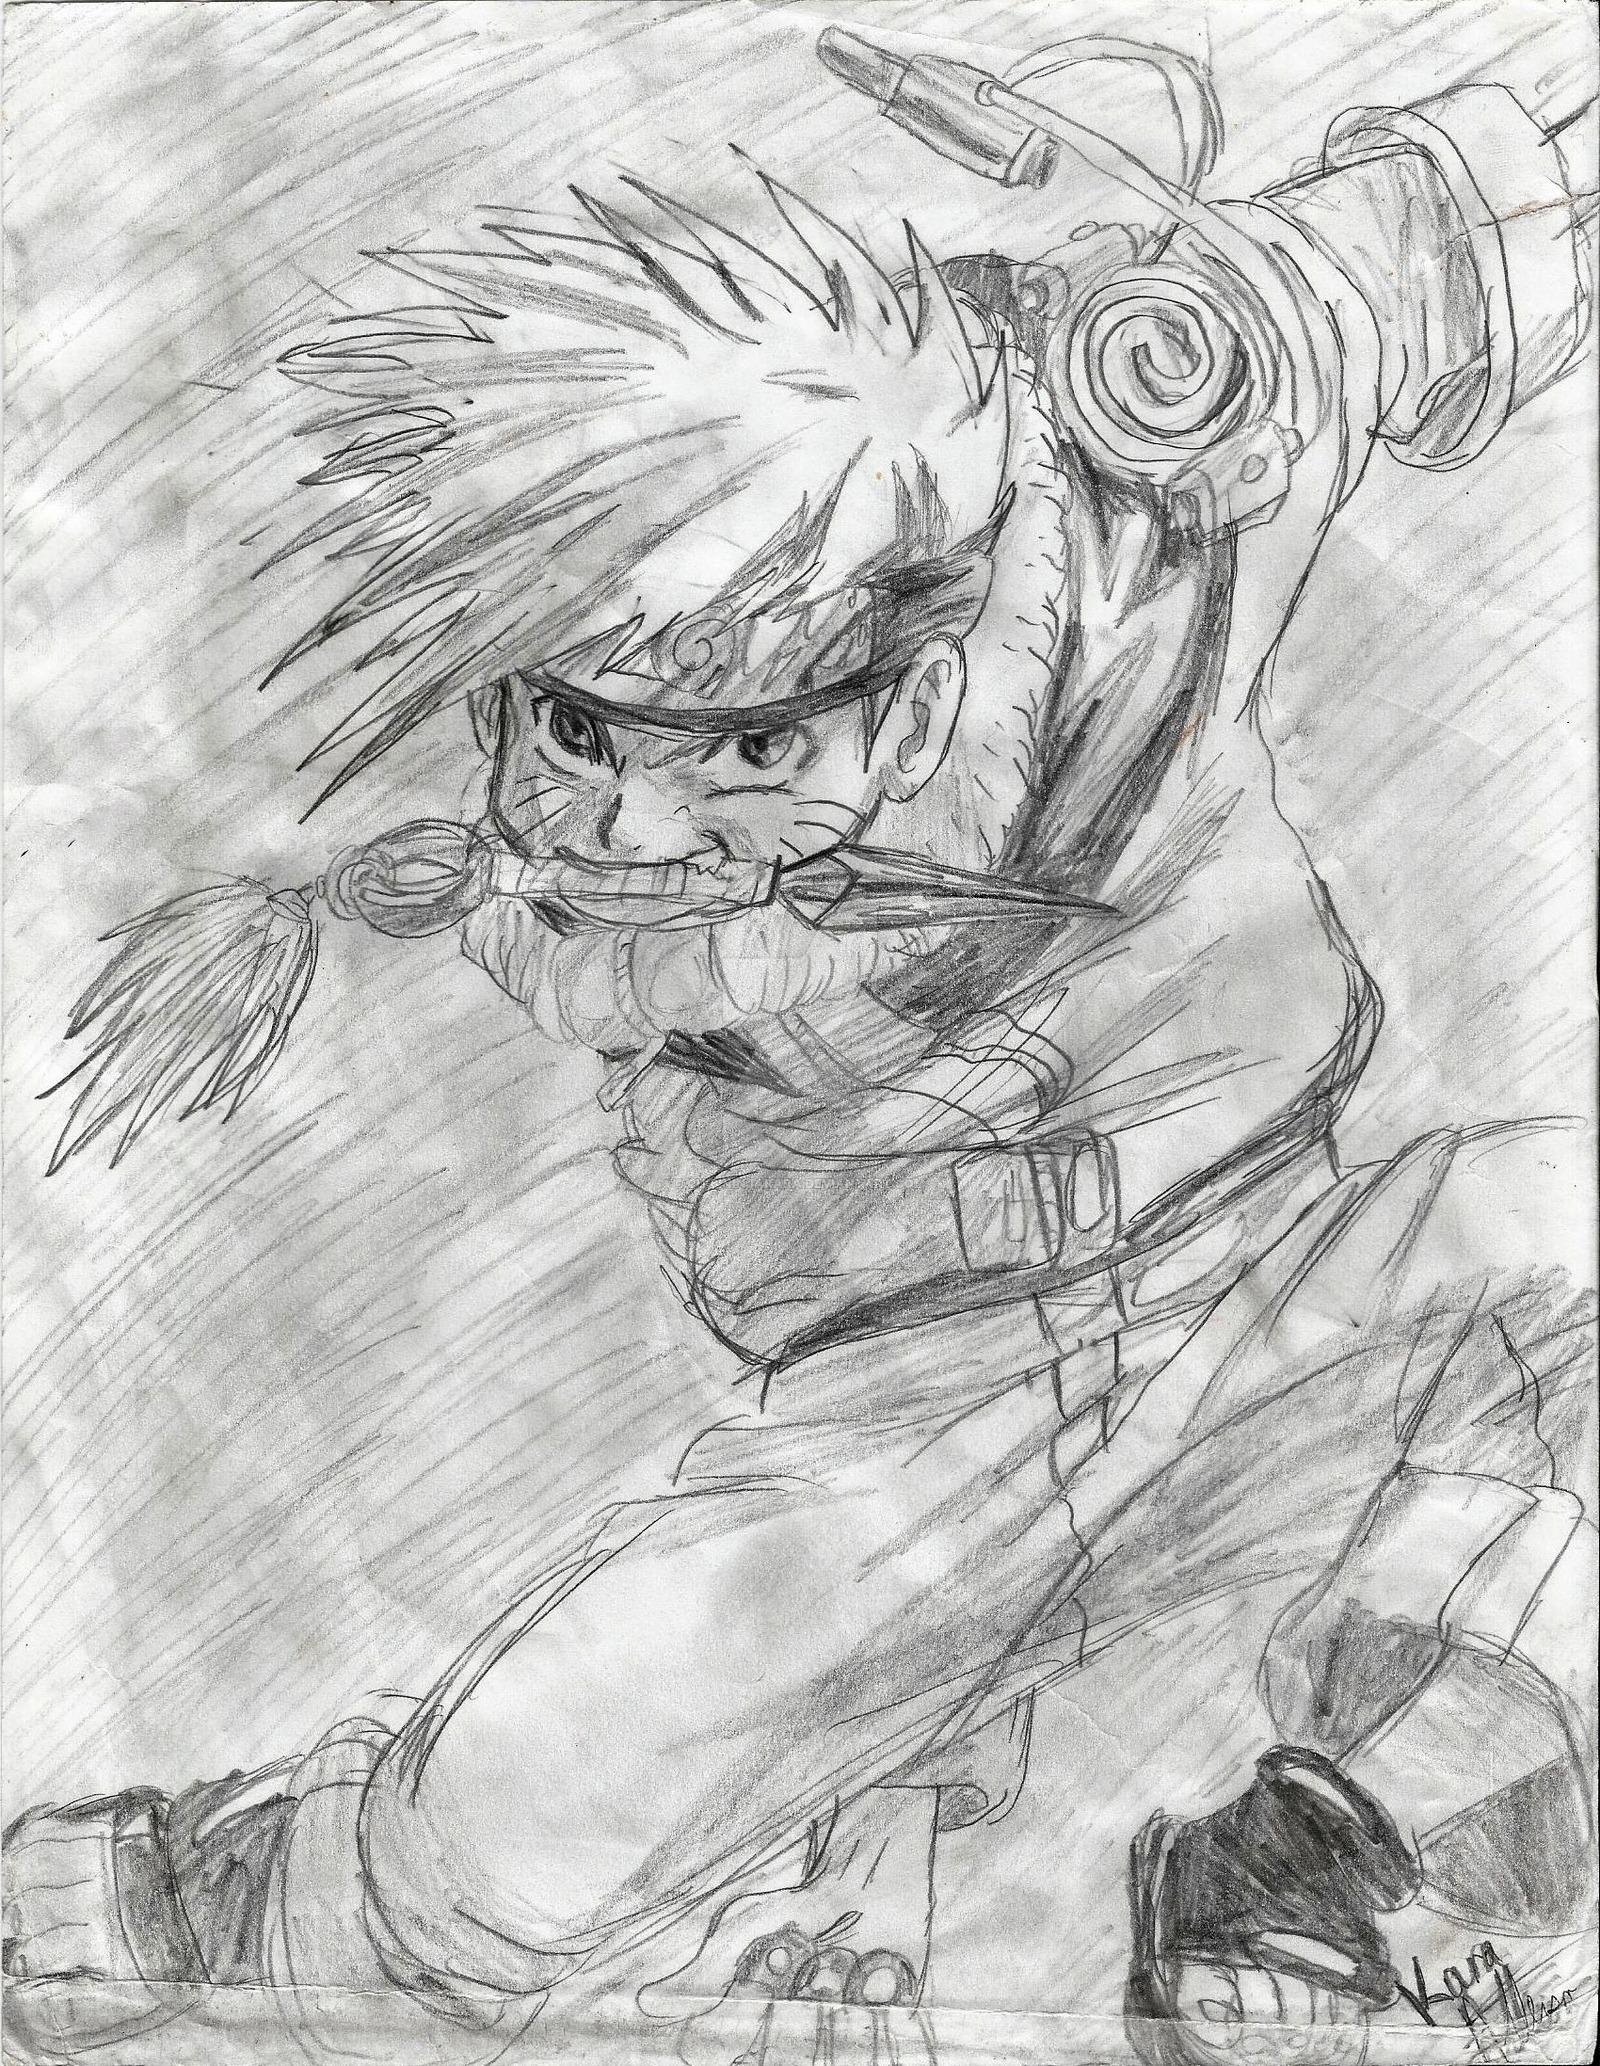 Drawn naruto pencil sketch On Drawing Drawing Naruto by